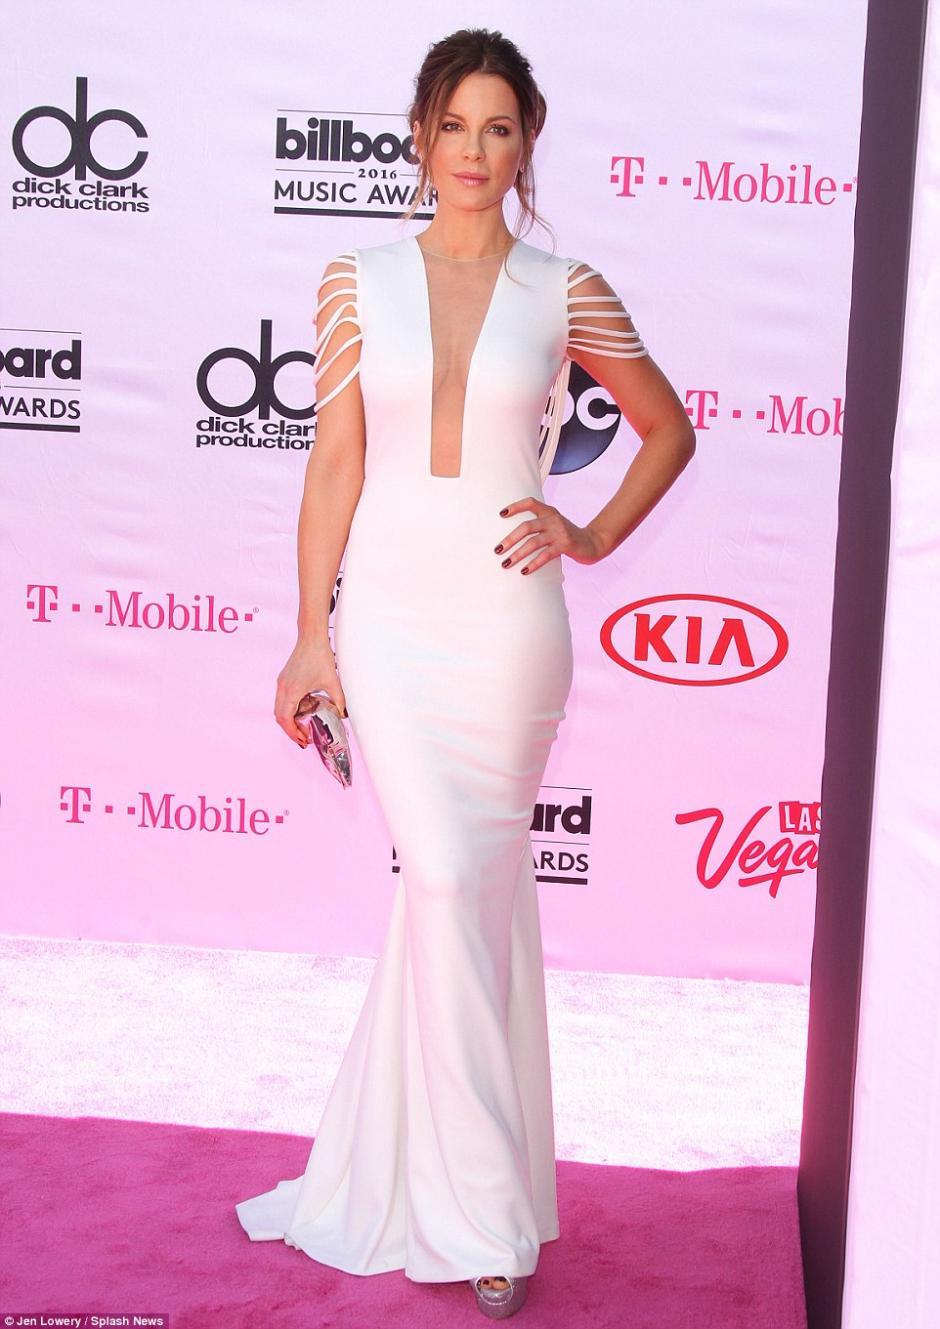 La actriz de 42 años luce mejor que nunca. (Foto: jen Lowery/Splash News)